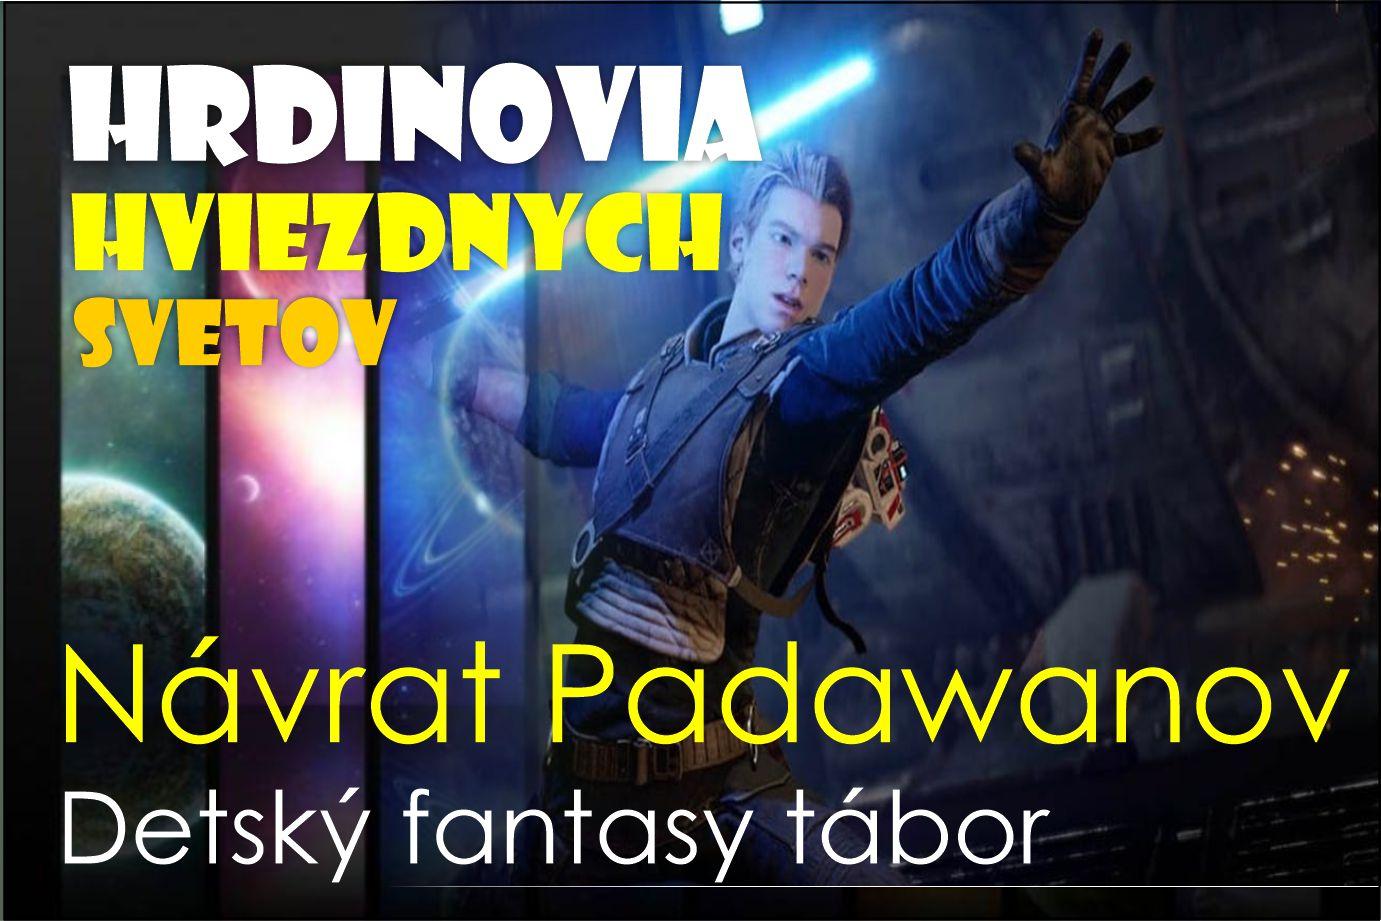 Hrdinovia hviezdnych svetov  -  Návrat Padawanov